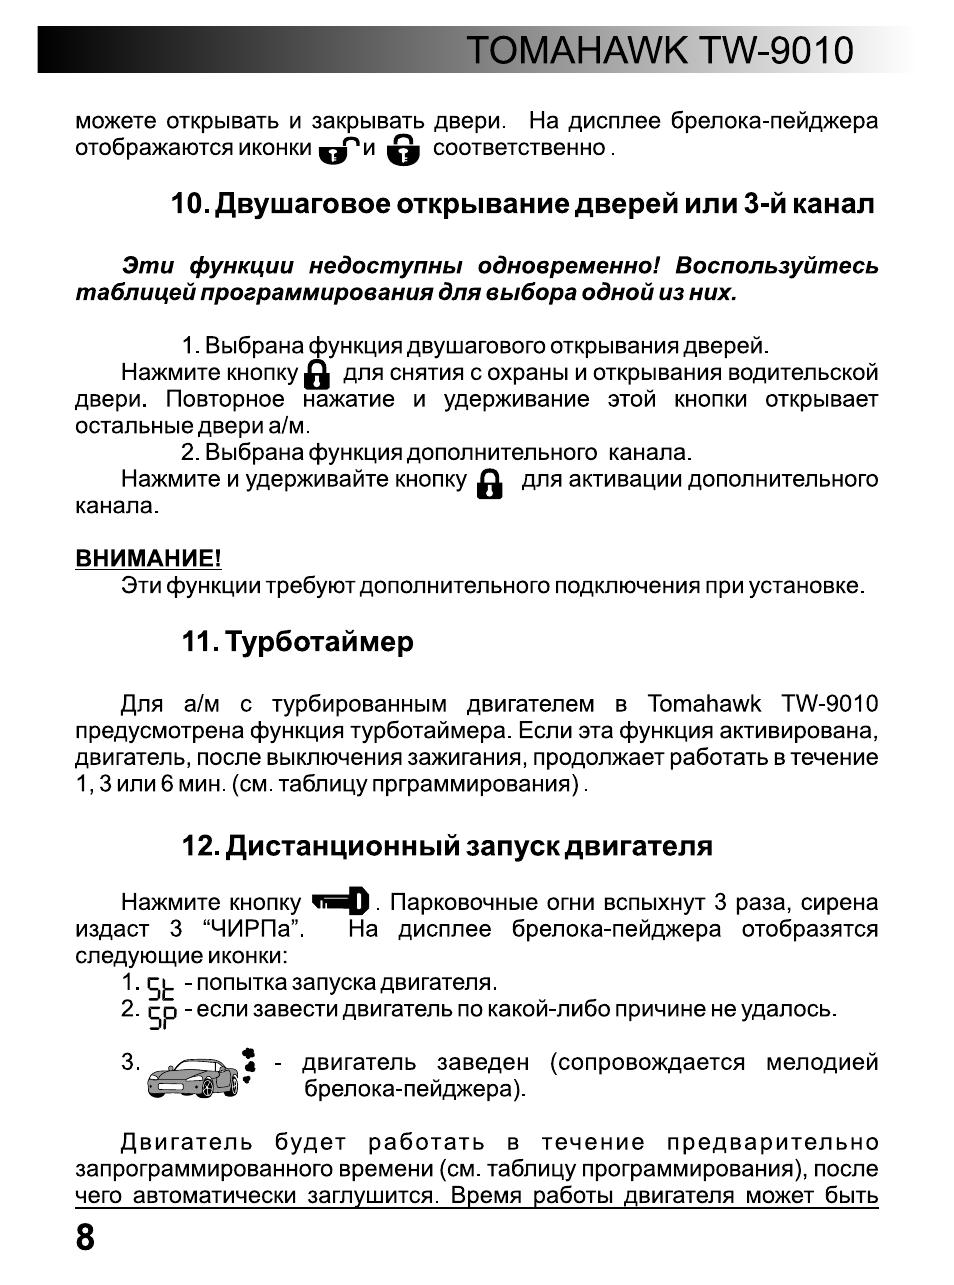 томагавк tz 9010 инструкция смотреть